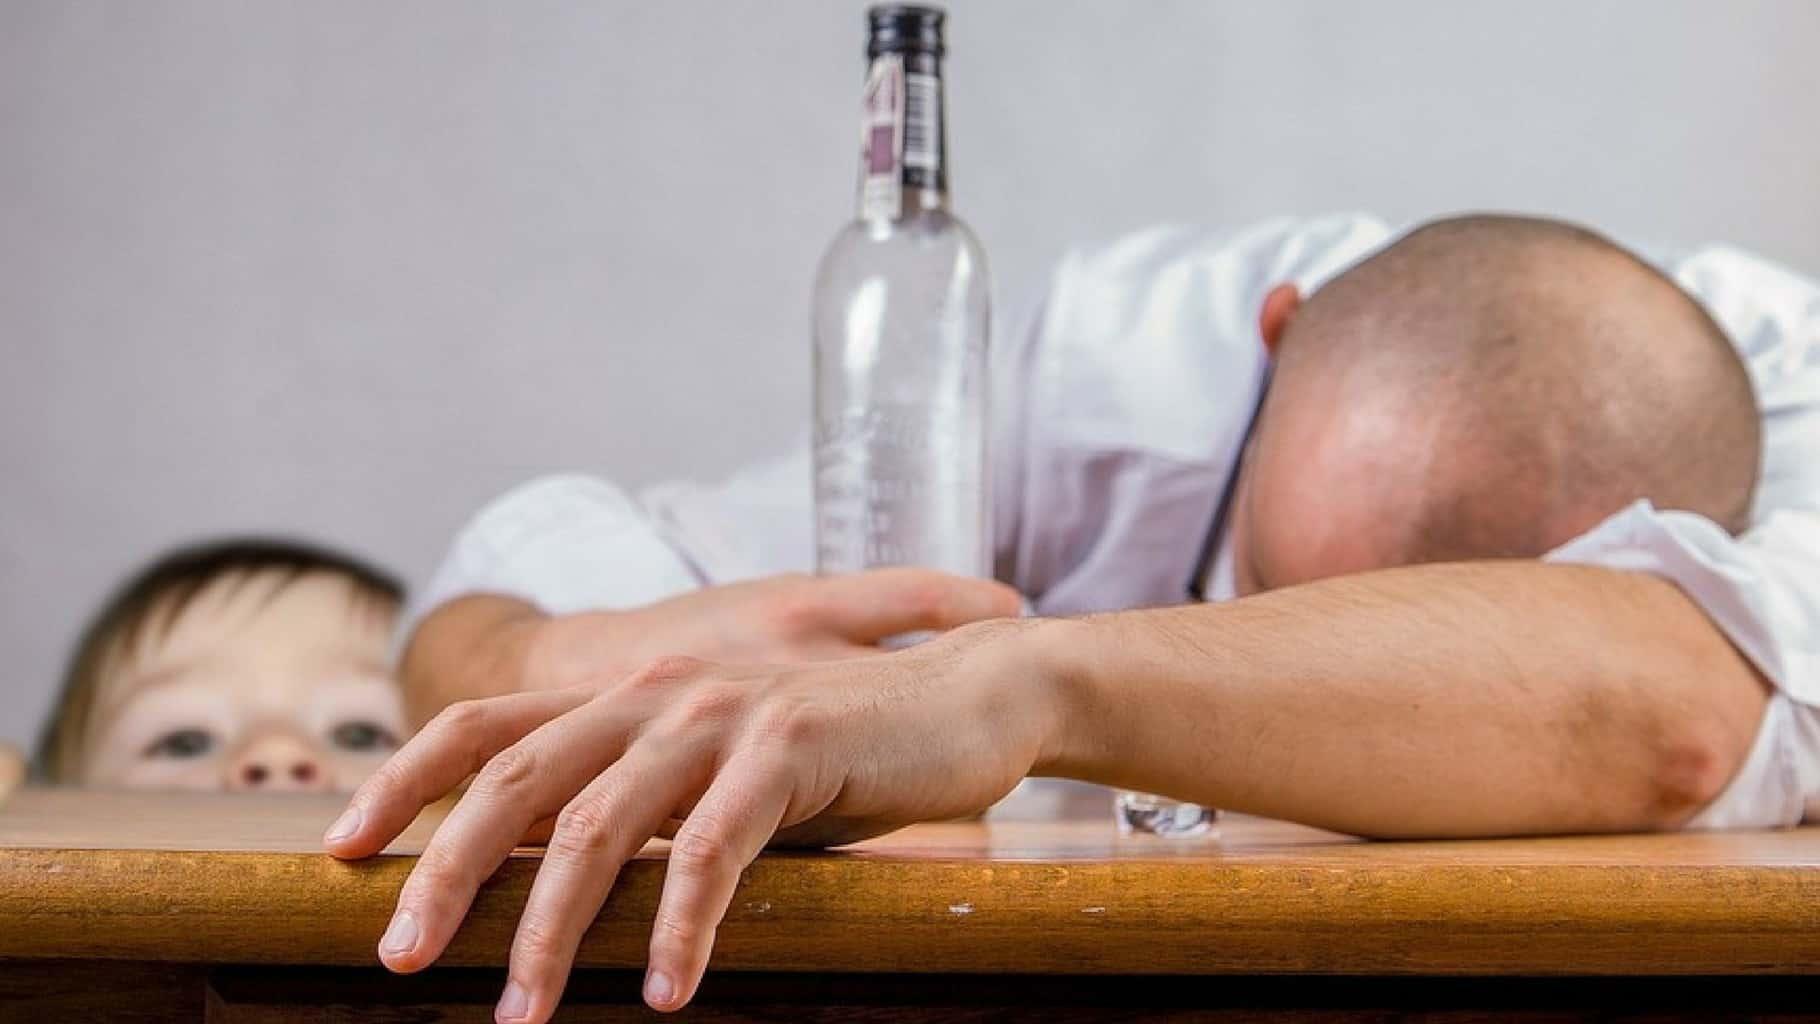 Come cambiare le abitudini sbagliate